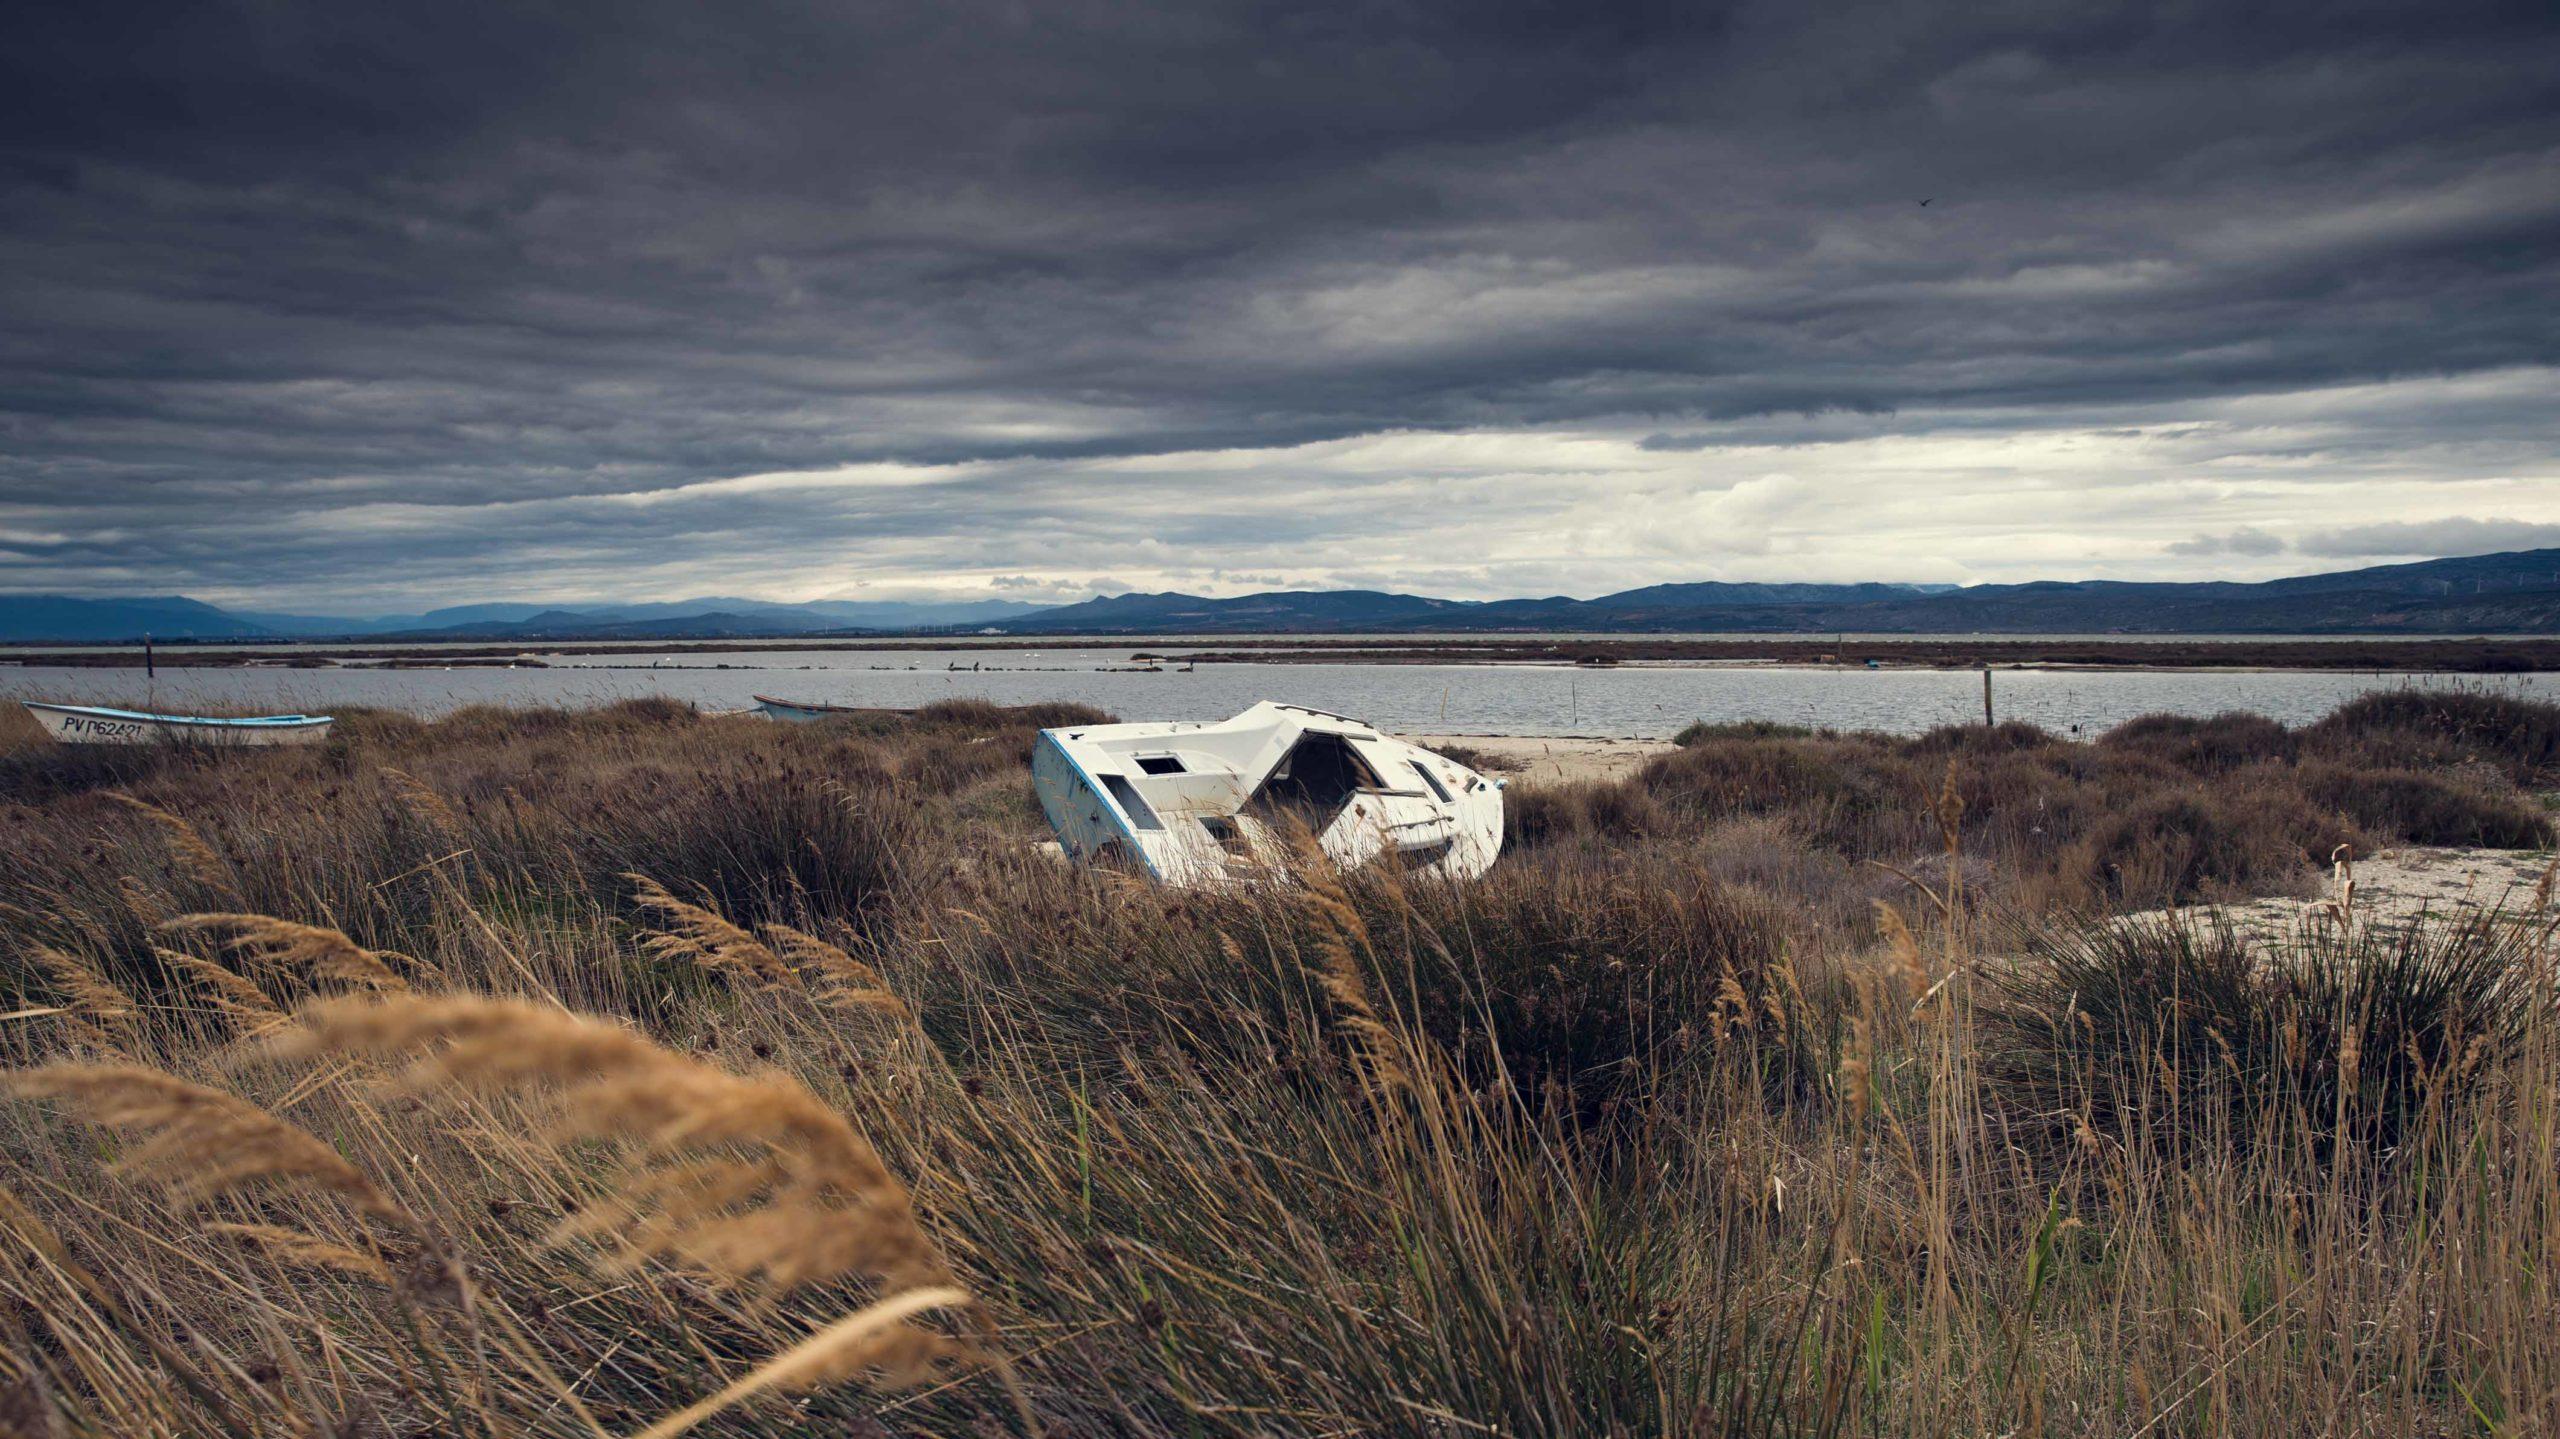 photo paysage mer océan triste voyage photographe toulouse sombre nuage abandonné